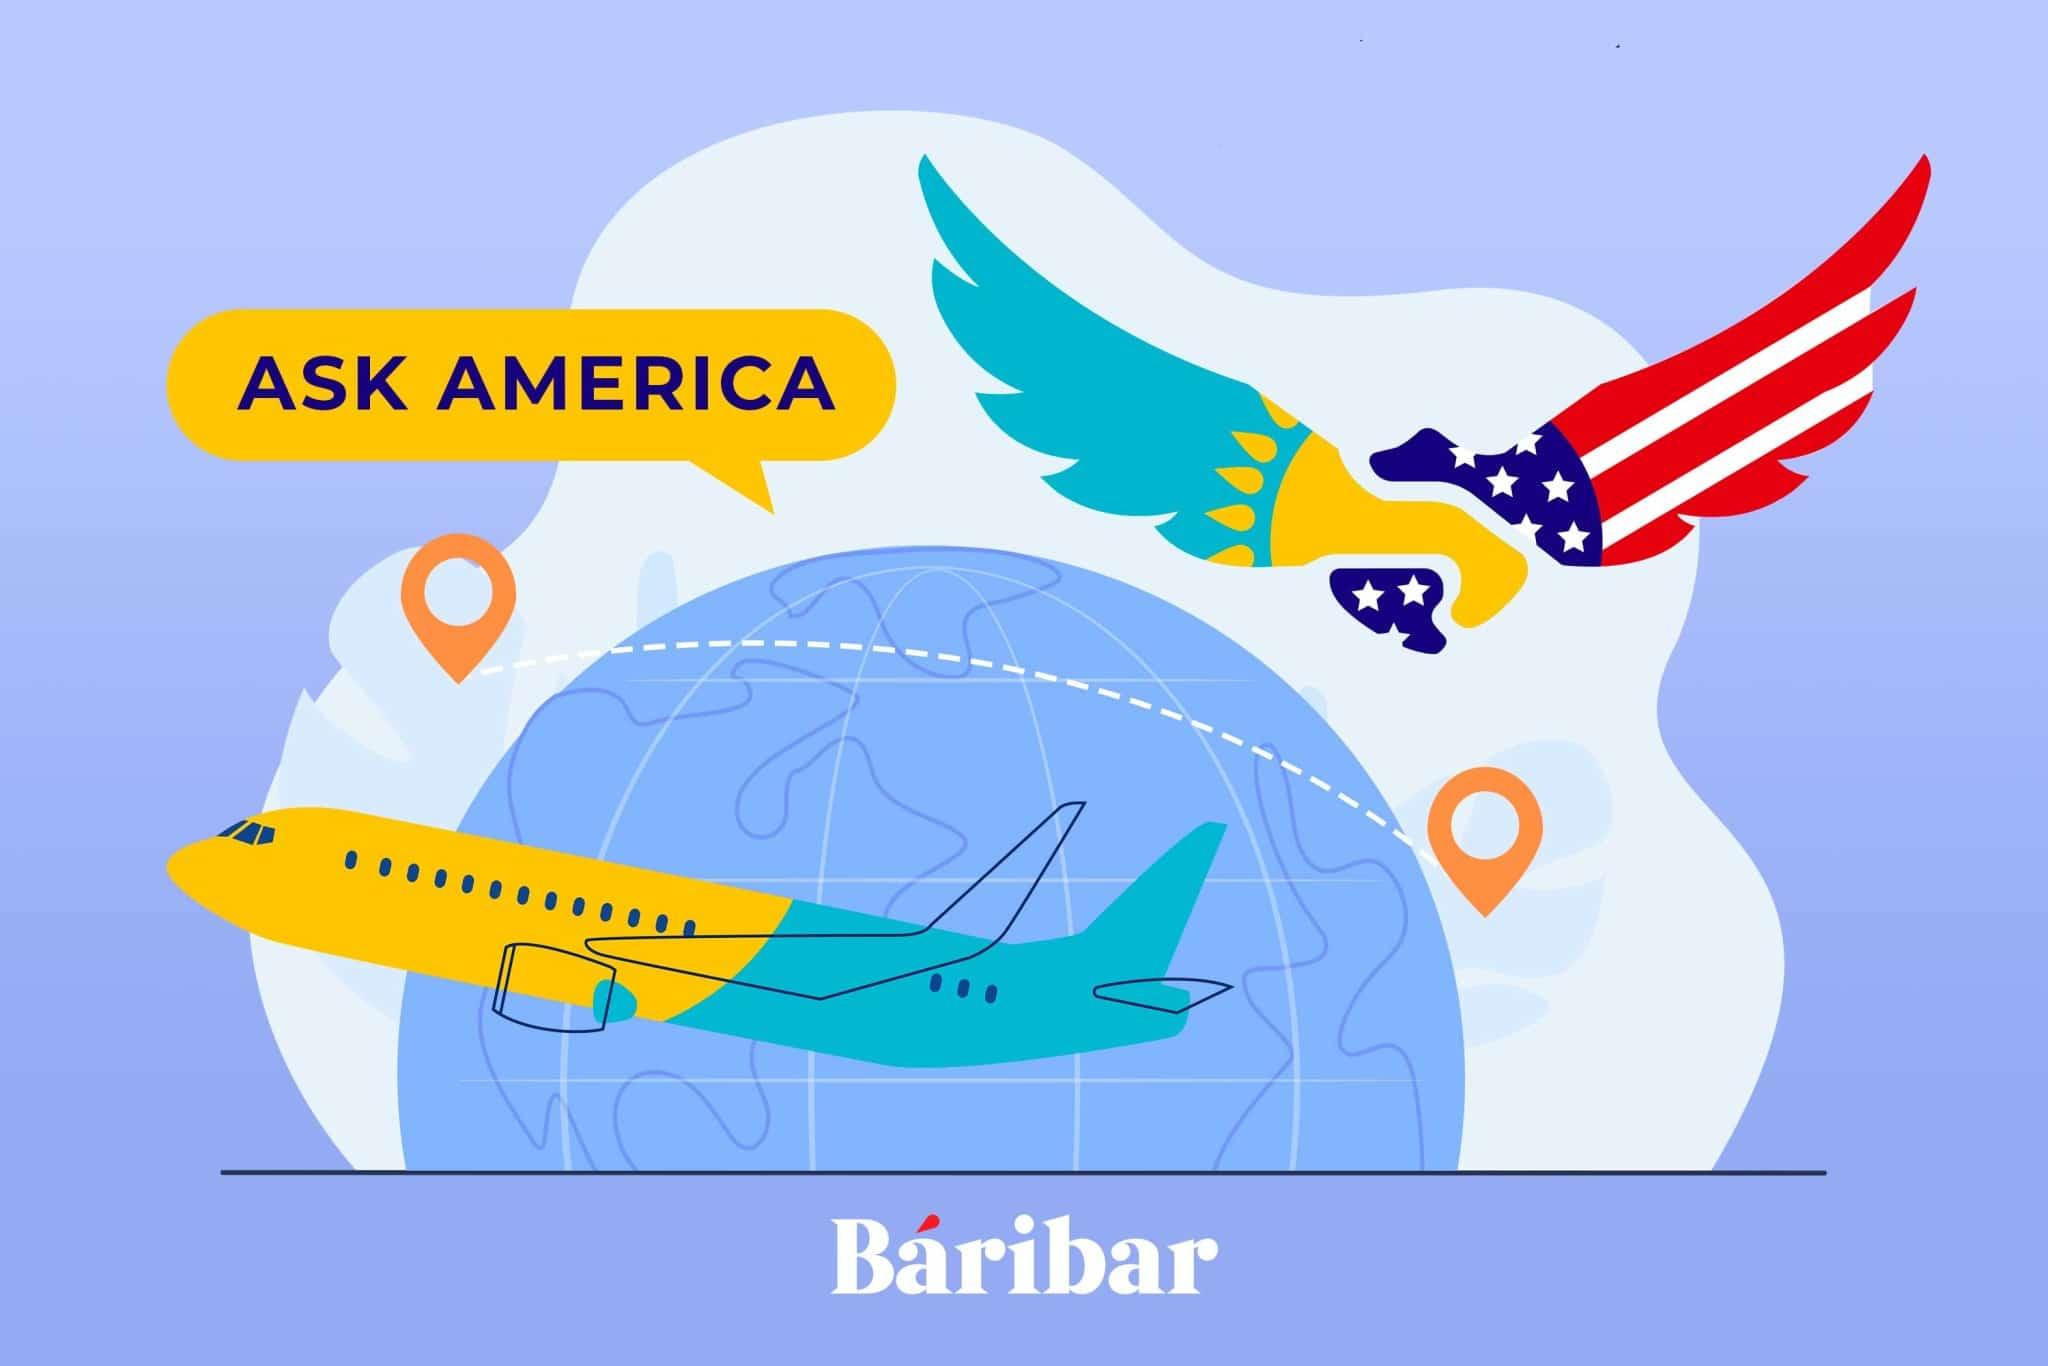 АҚШ, виза, саяхат